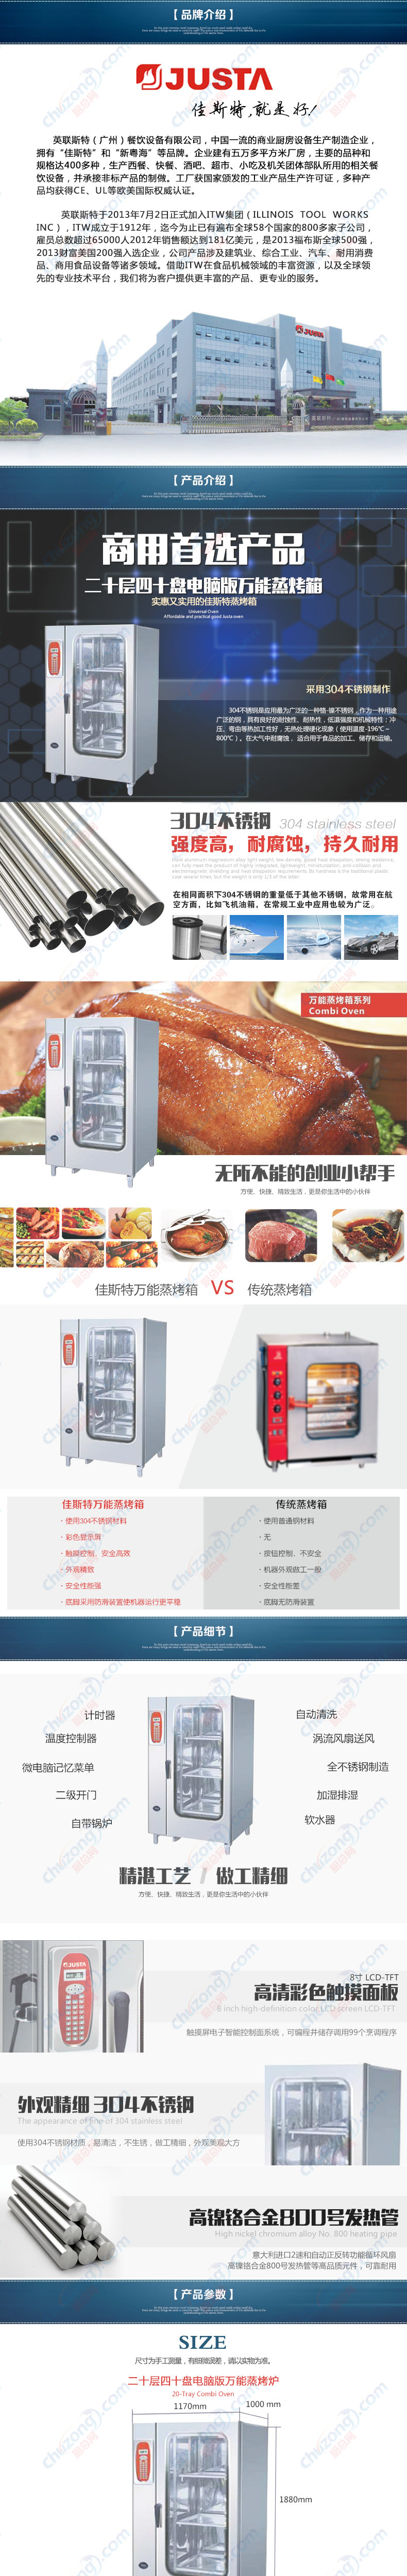 佳斯特蒸烤箱,電腦版蒸烤箱,萬能蒸烤箱EWR-20-21-H